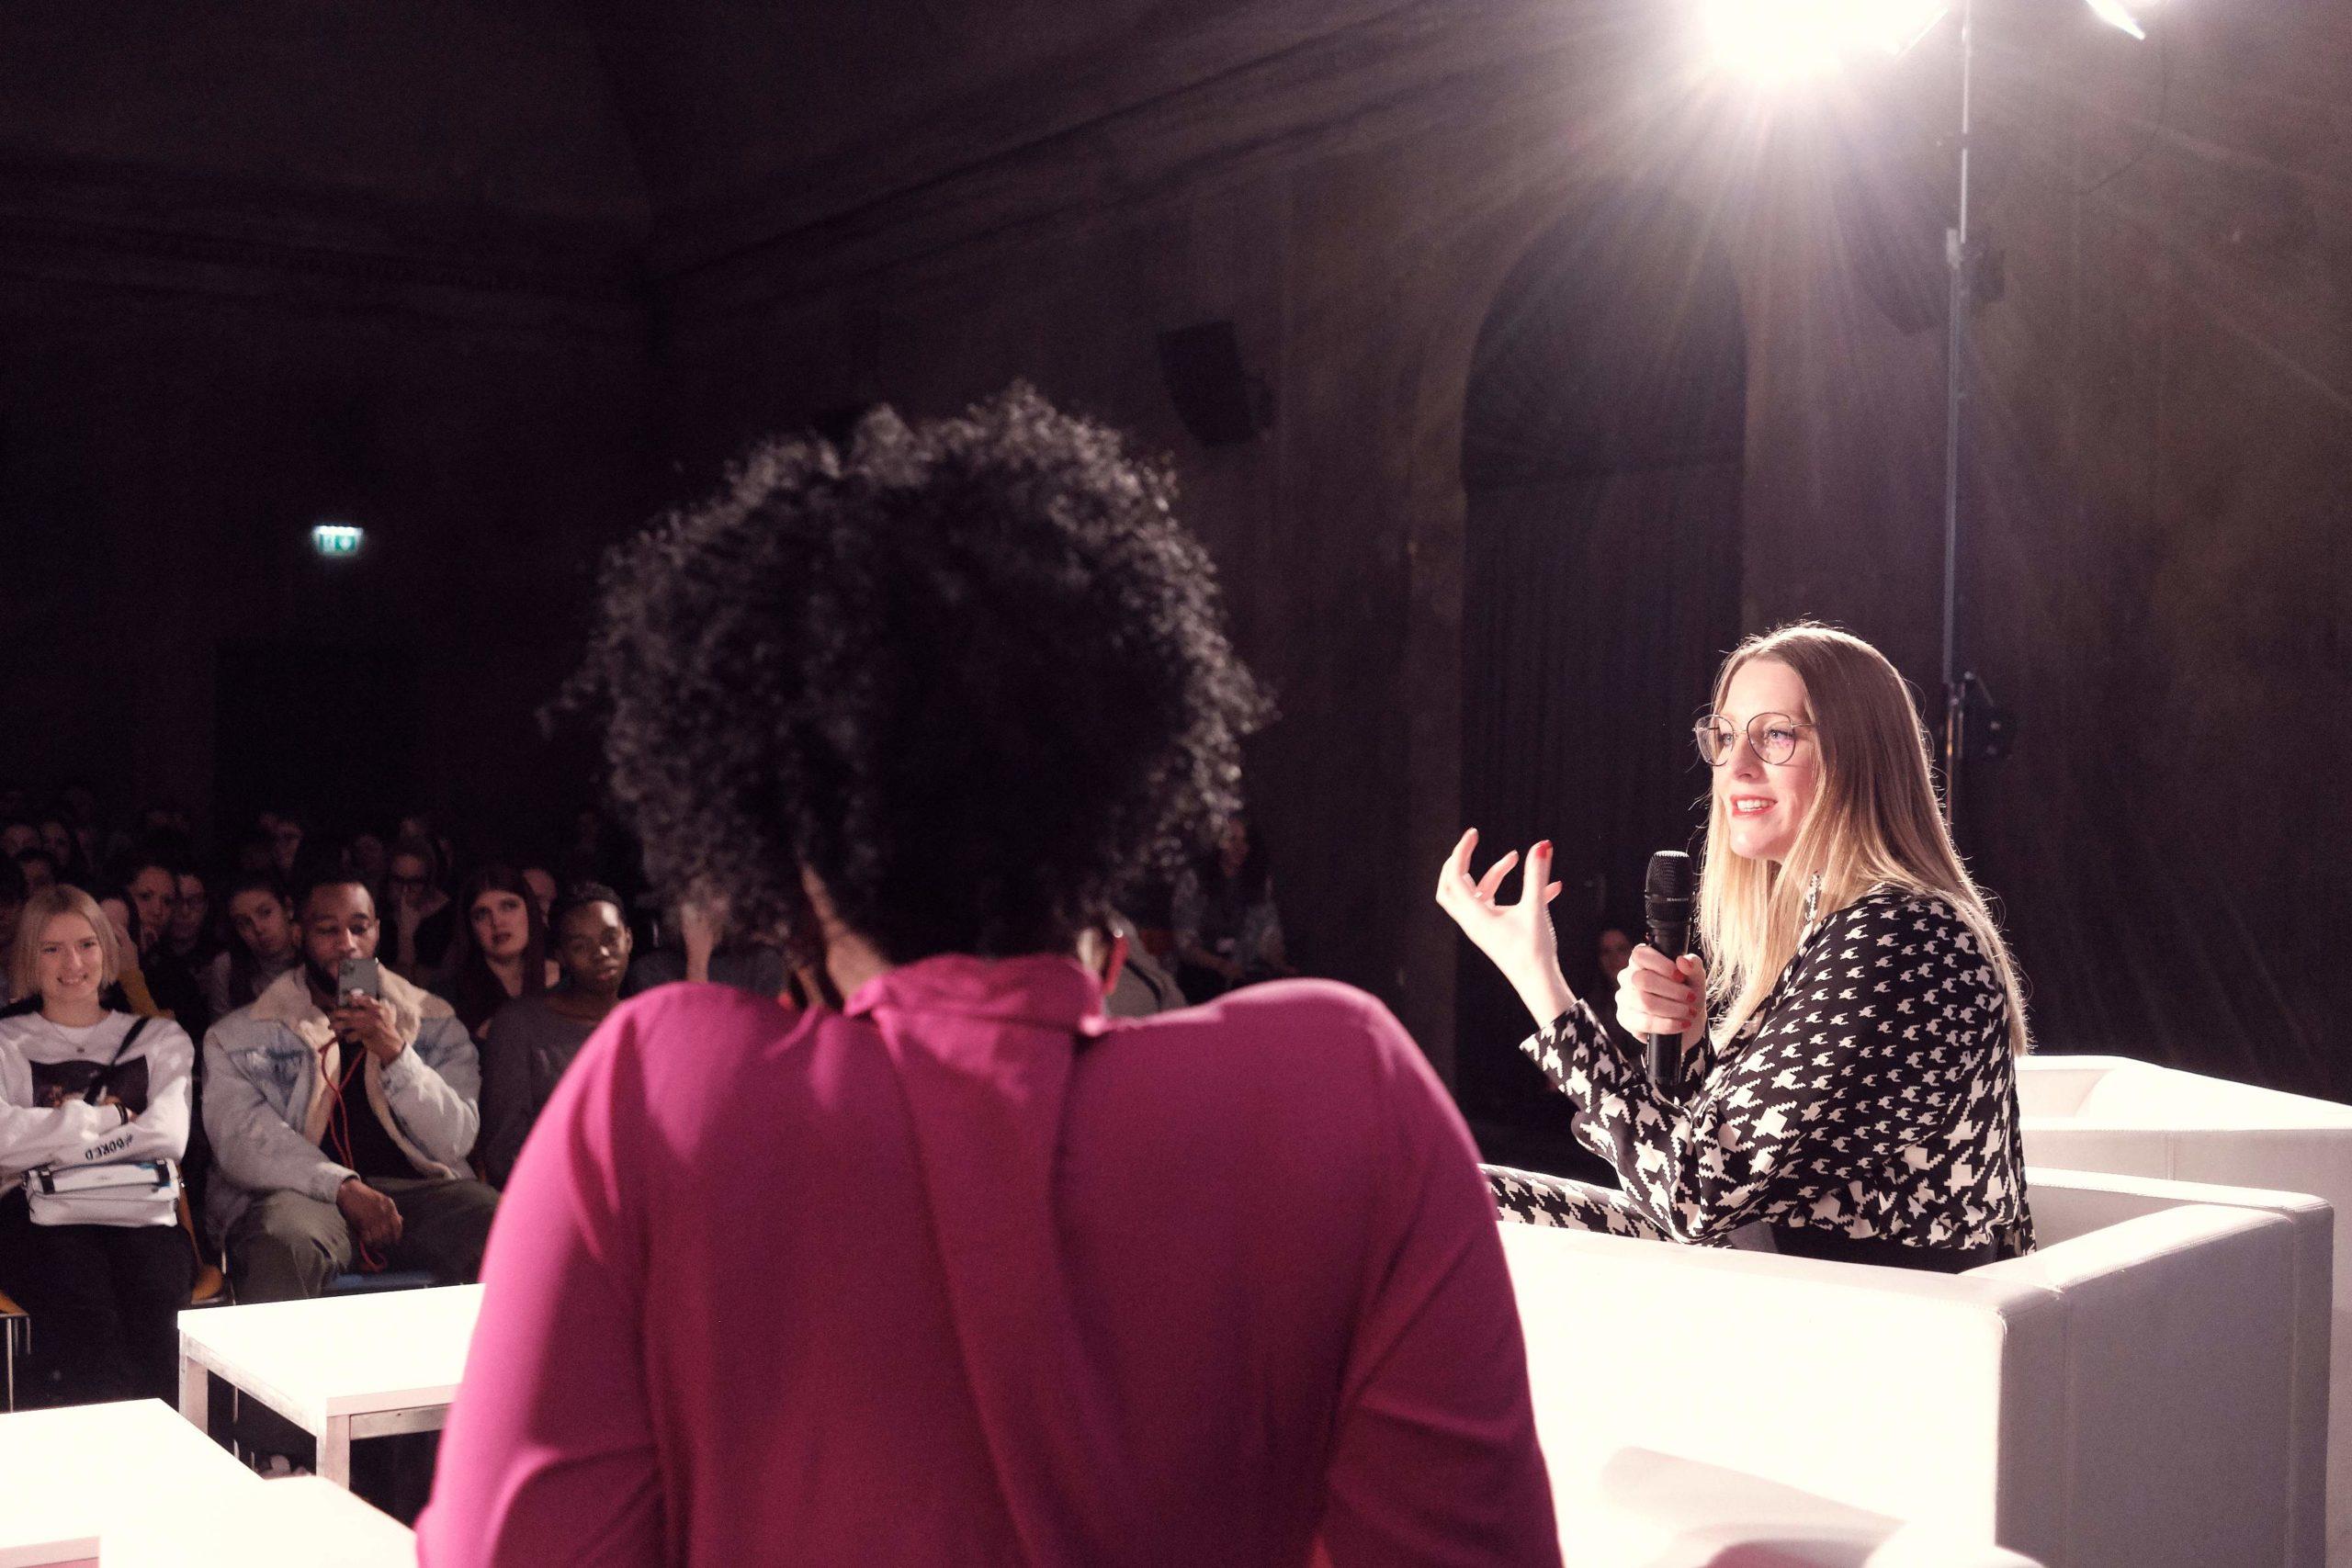 Auf dem Bild sieht man zwei Frauen, die auf einer Bühne am Podium diskutieren.